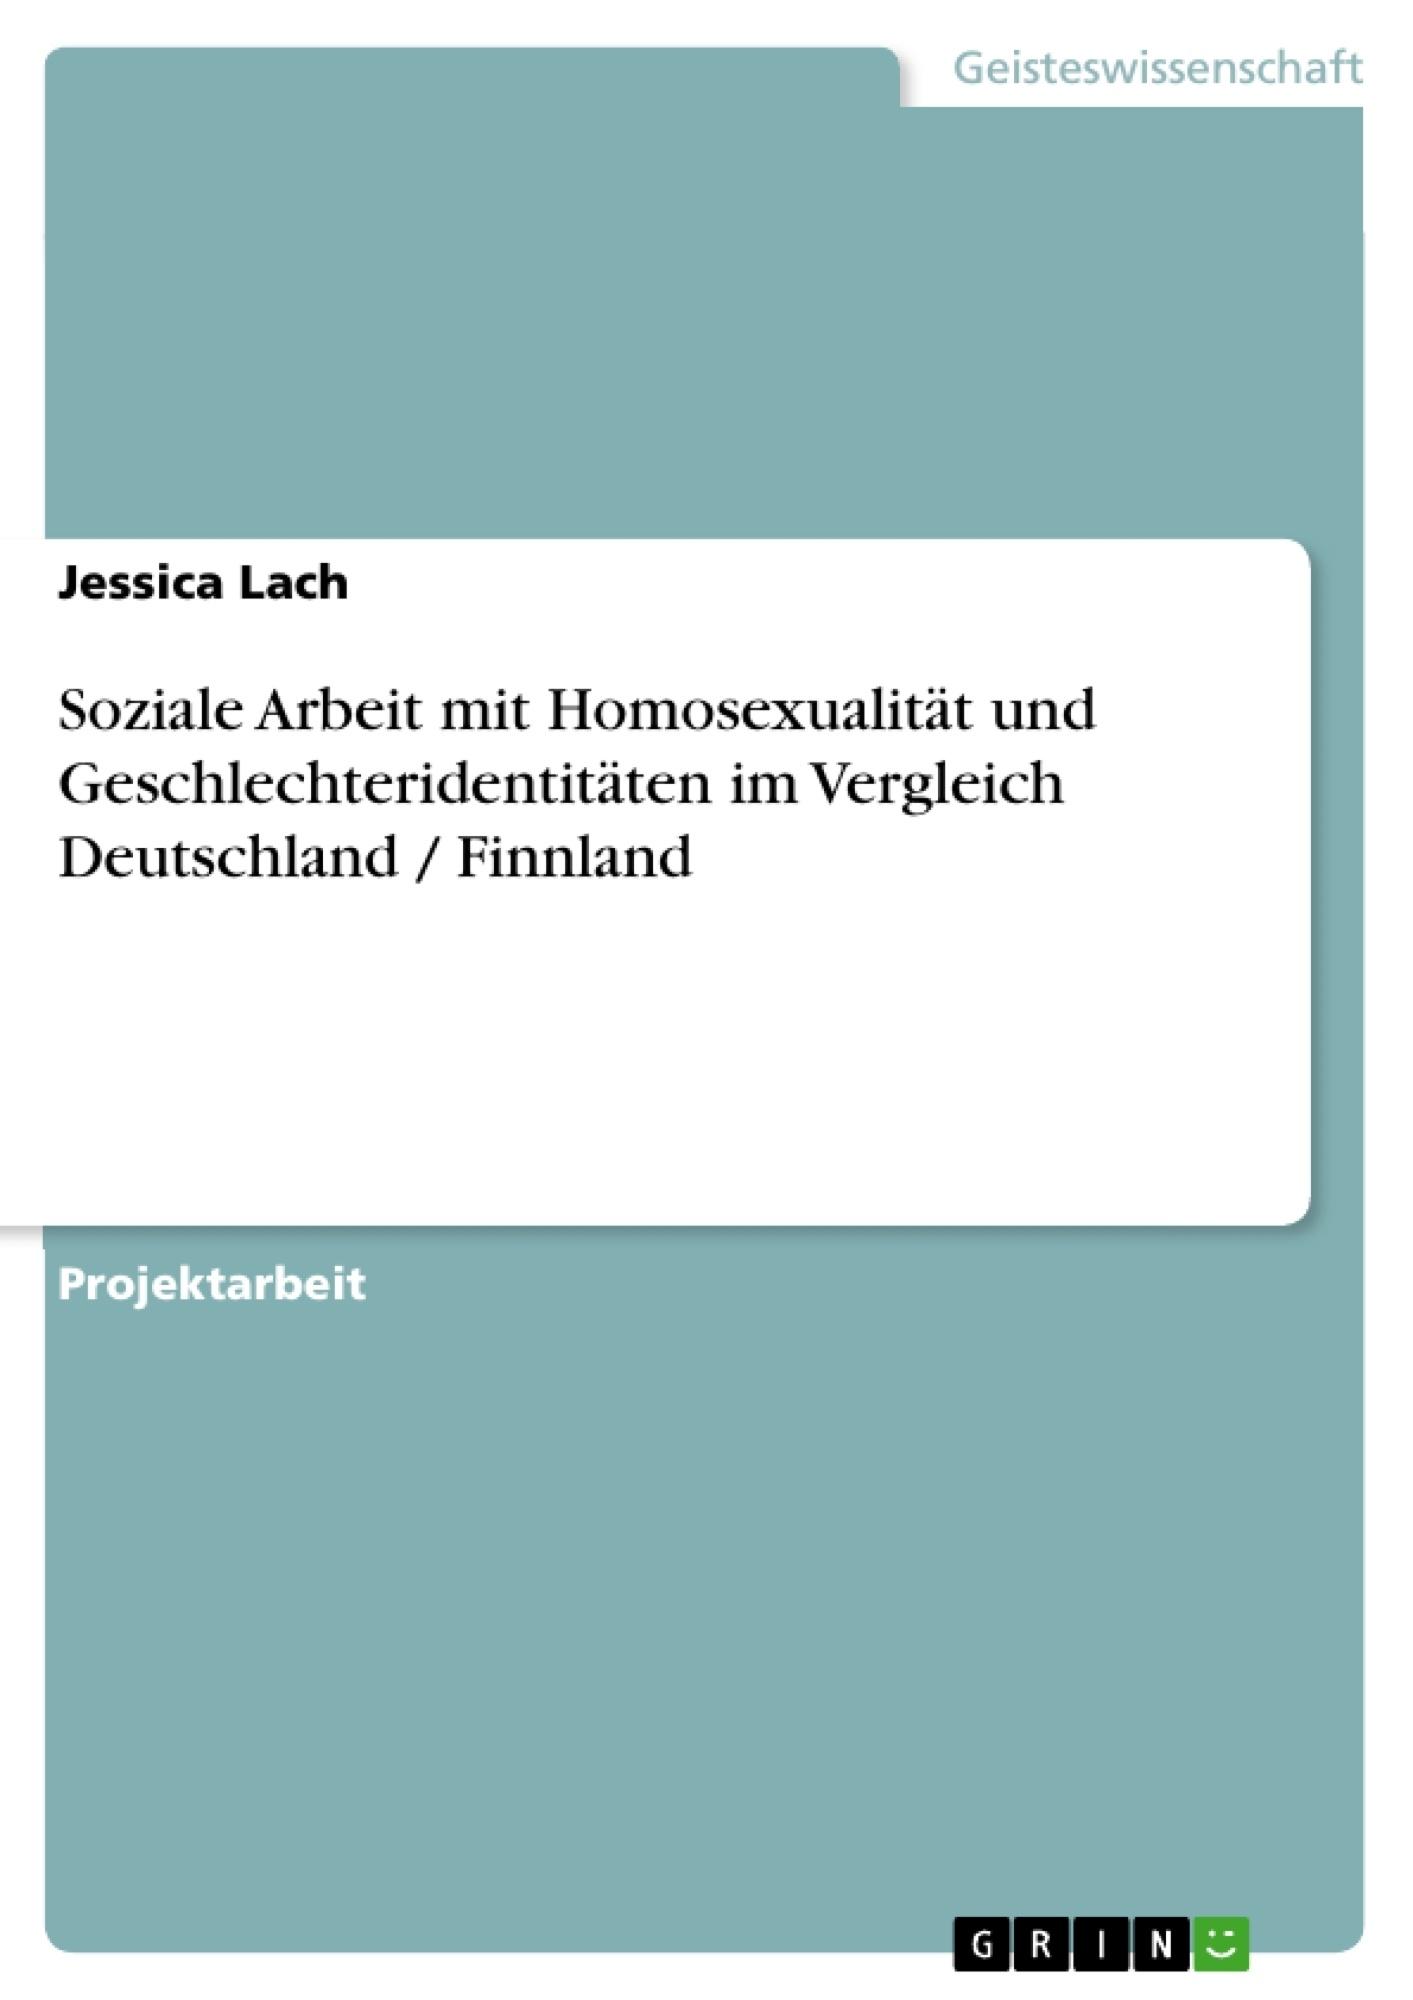 Titel: Soziale Arbeit mit Homosexualität und Geschlechteridentitäten im Vergleich Deutschland / Finnland